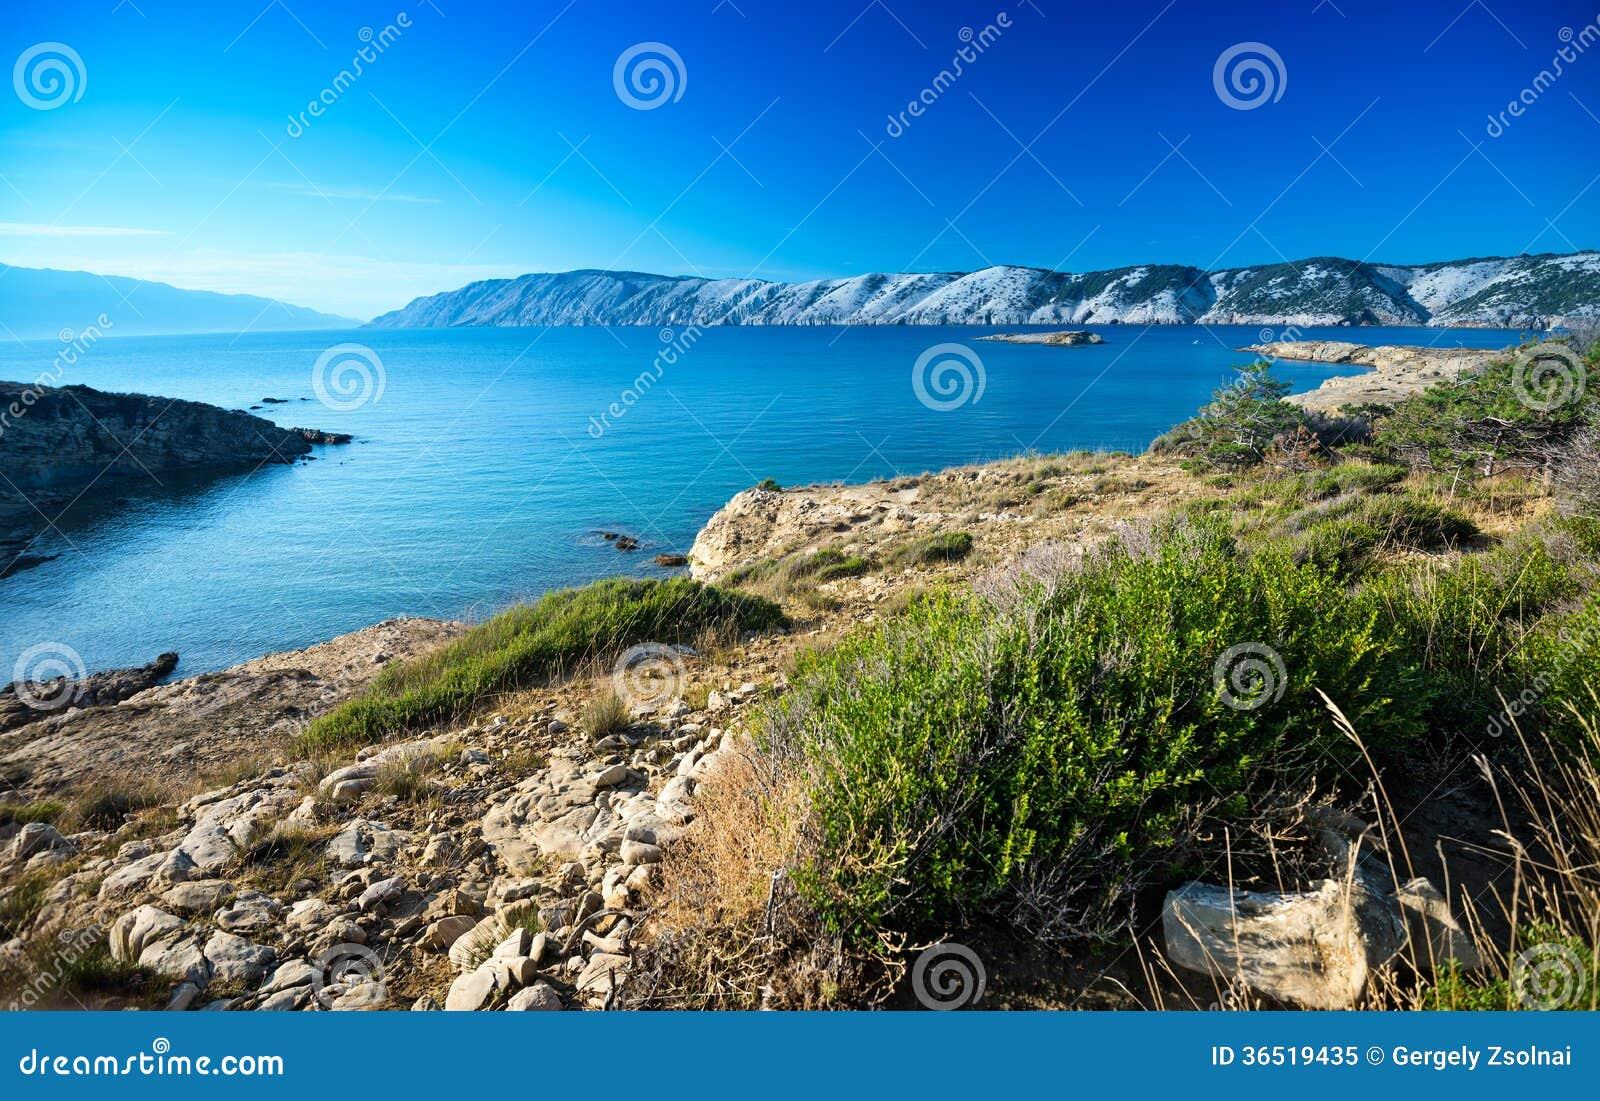 La côte croate - Lopar